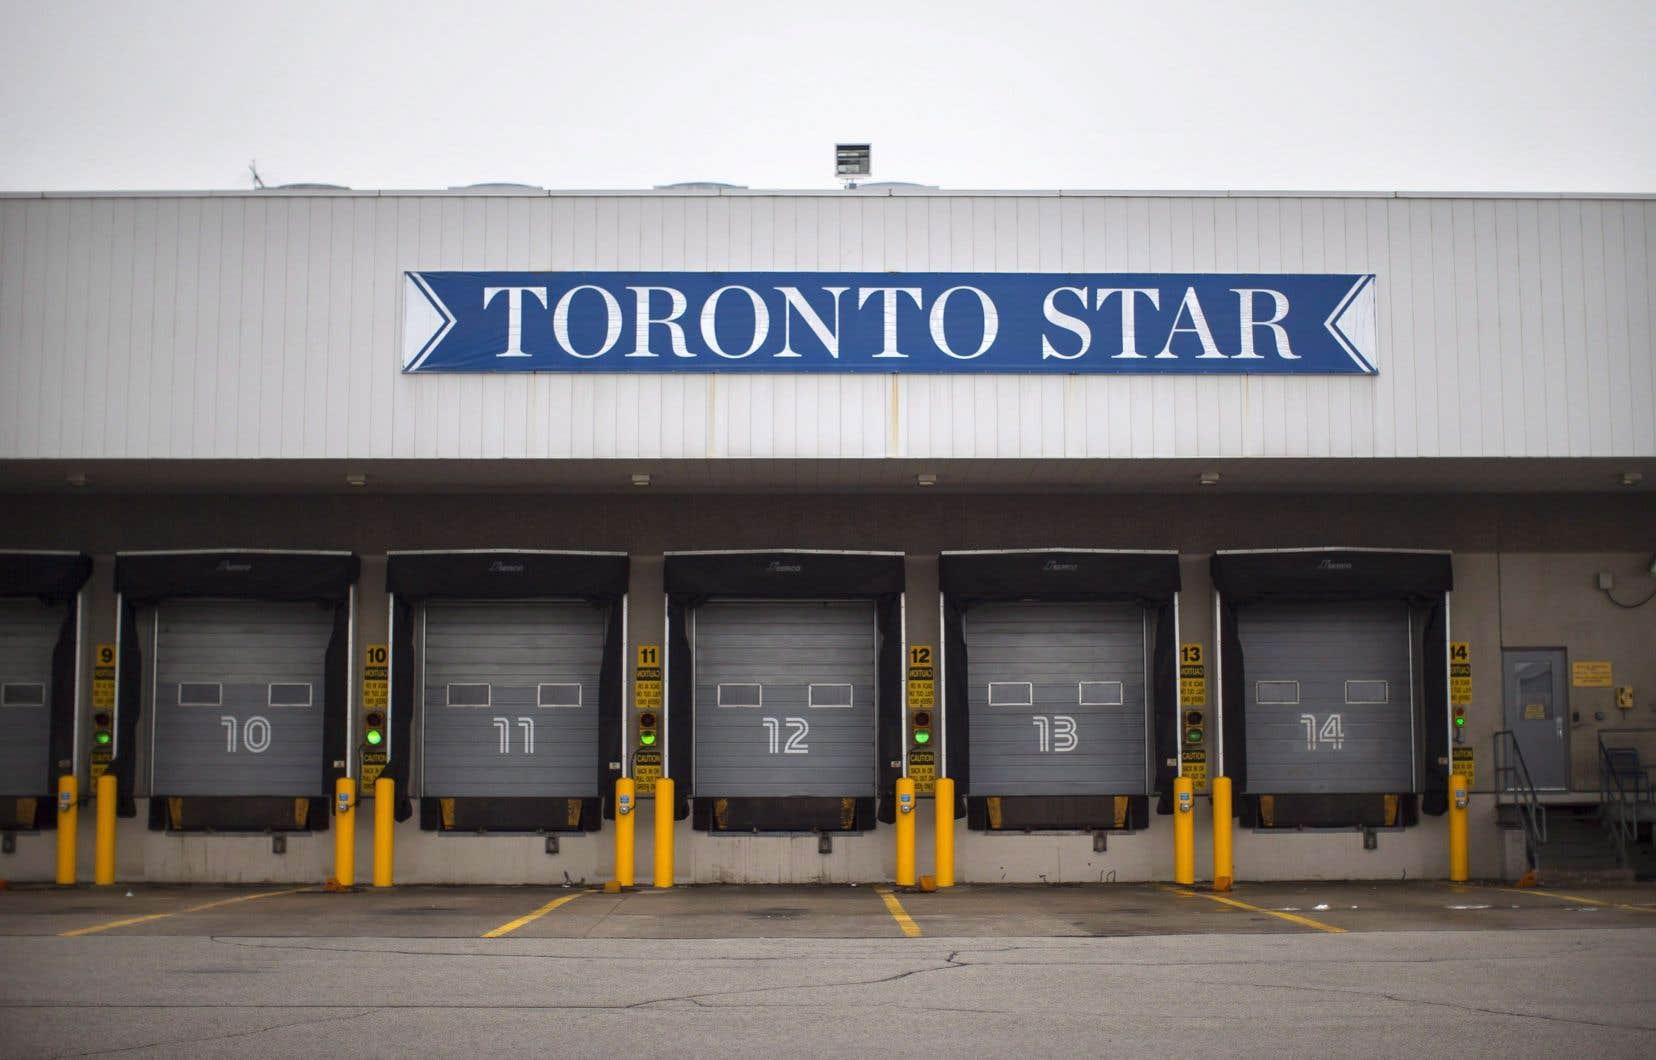 La perte par action de l'éditeur du quotidien «Toronto Star» s'est établie à 8¢ pour le trimestre clos le 30 septembre.